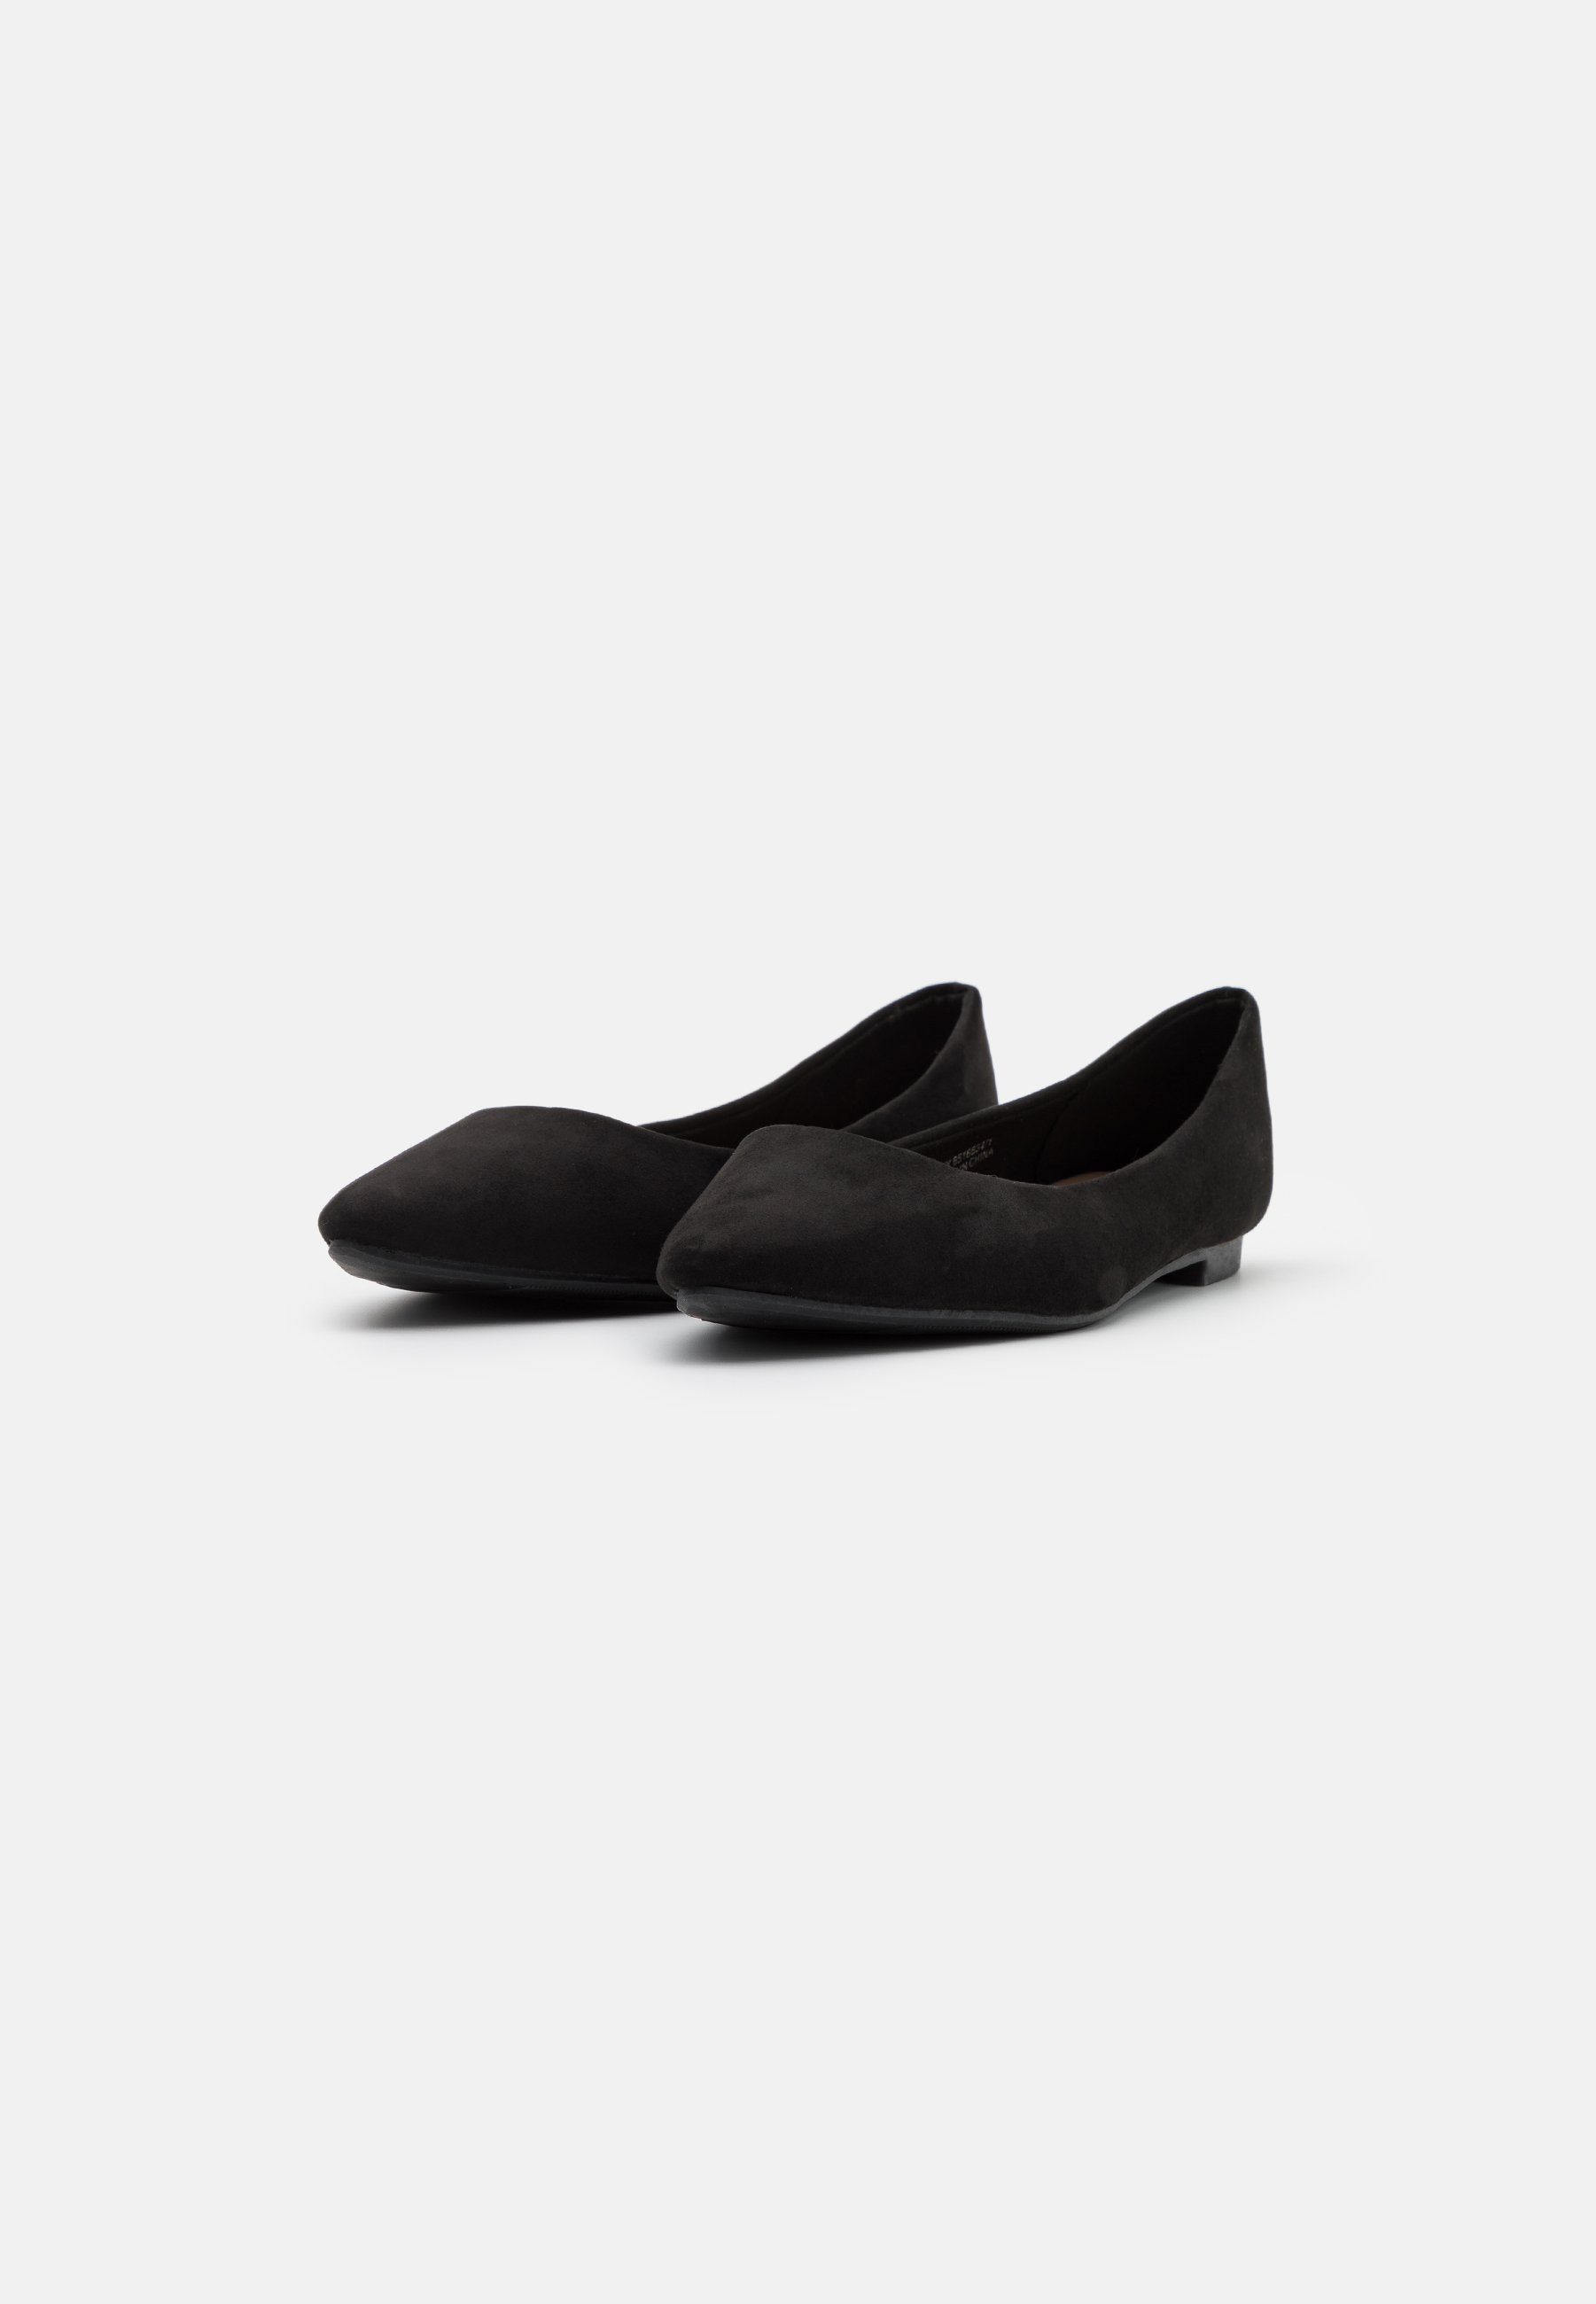 New Look Kashing Basic Point - Klassischer Ballerina Black/schwarz